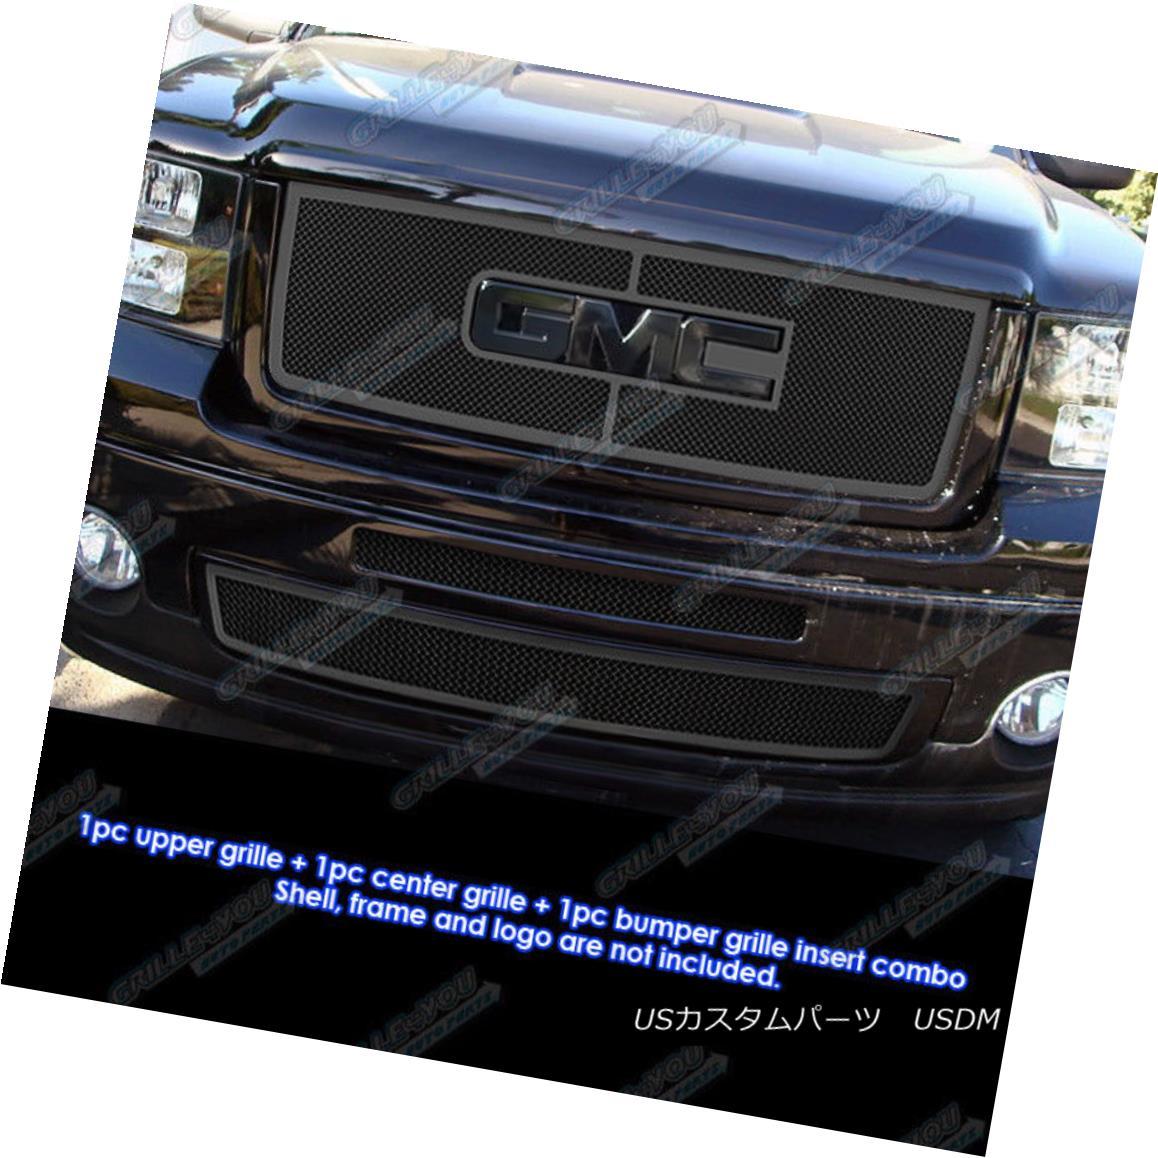 グリル Fits 2007-2013 GMC Sierra 1500 New Body/07-10 Denali Black Mesh Grille Combo フィット2007-2013 GMC Sierra 1500ニューボディ/ 07-10デナリブラックメッシュグリルコンボ